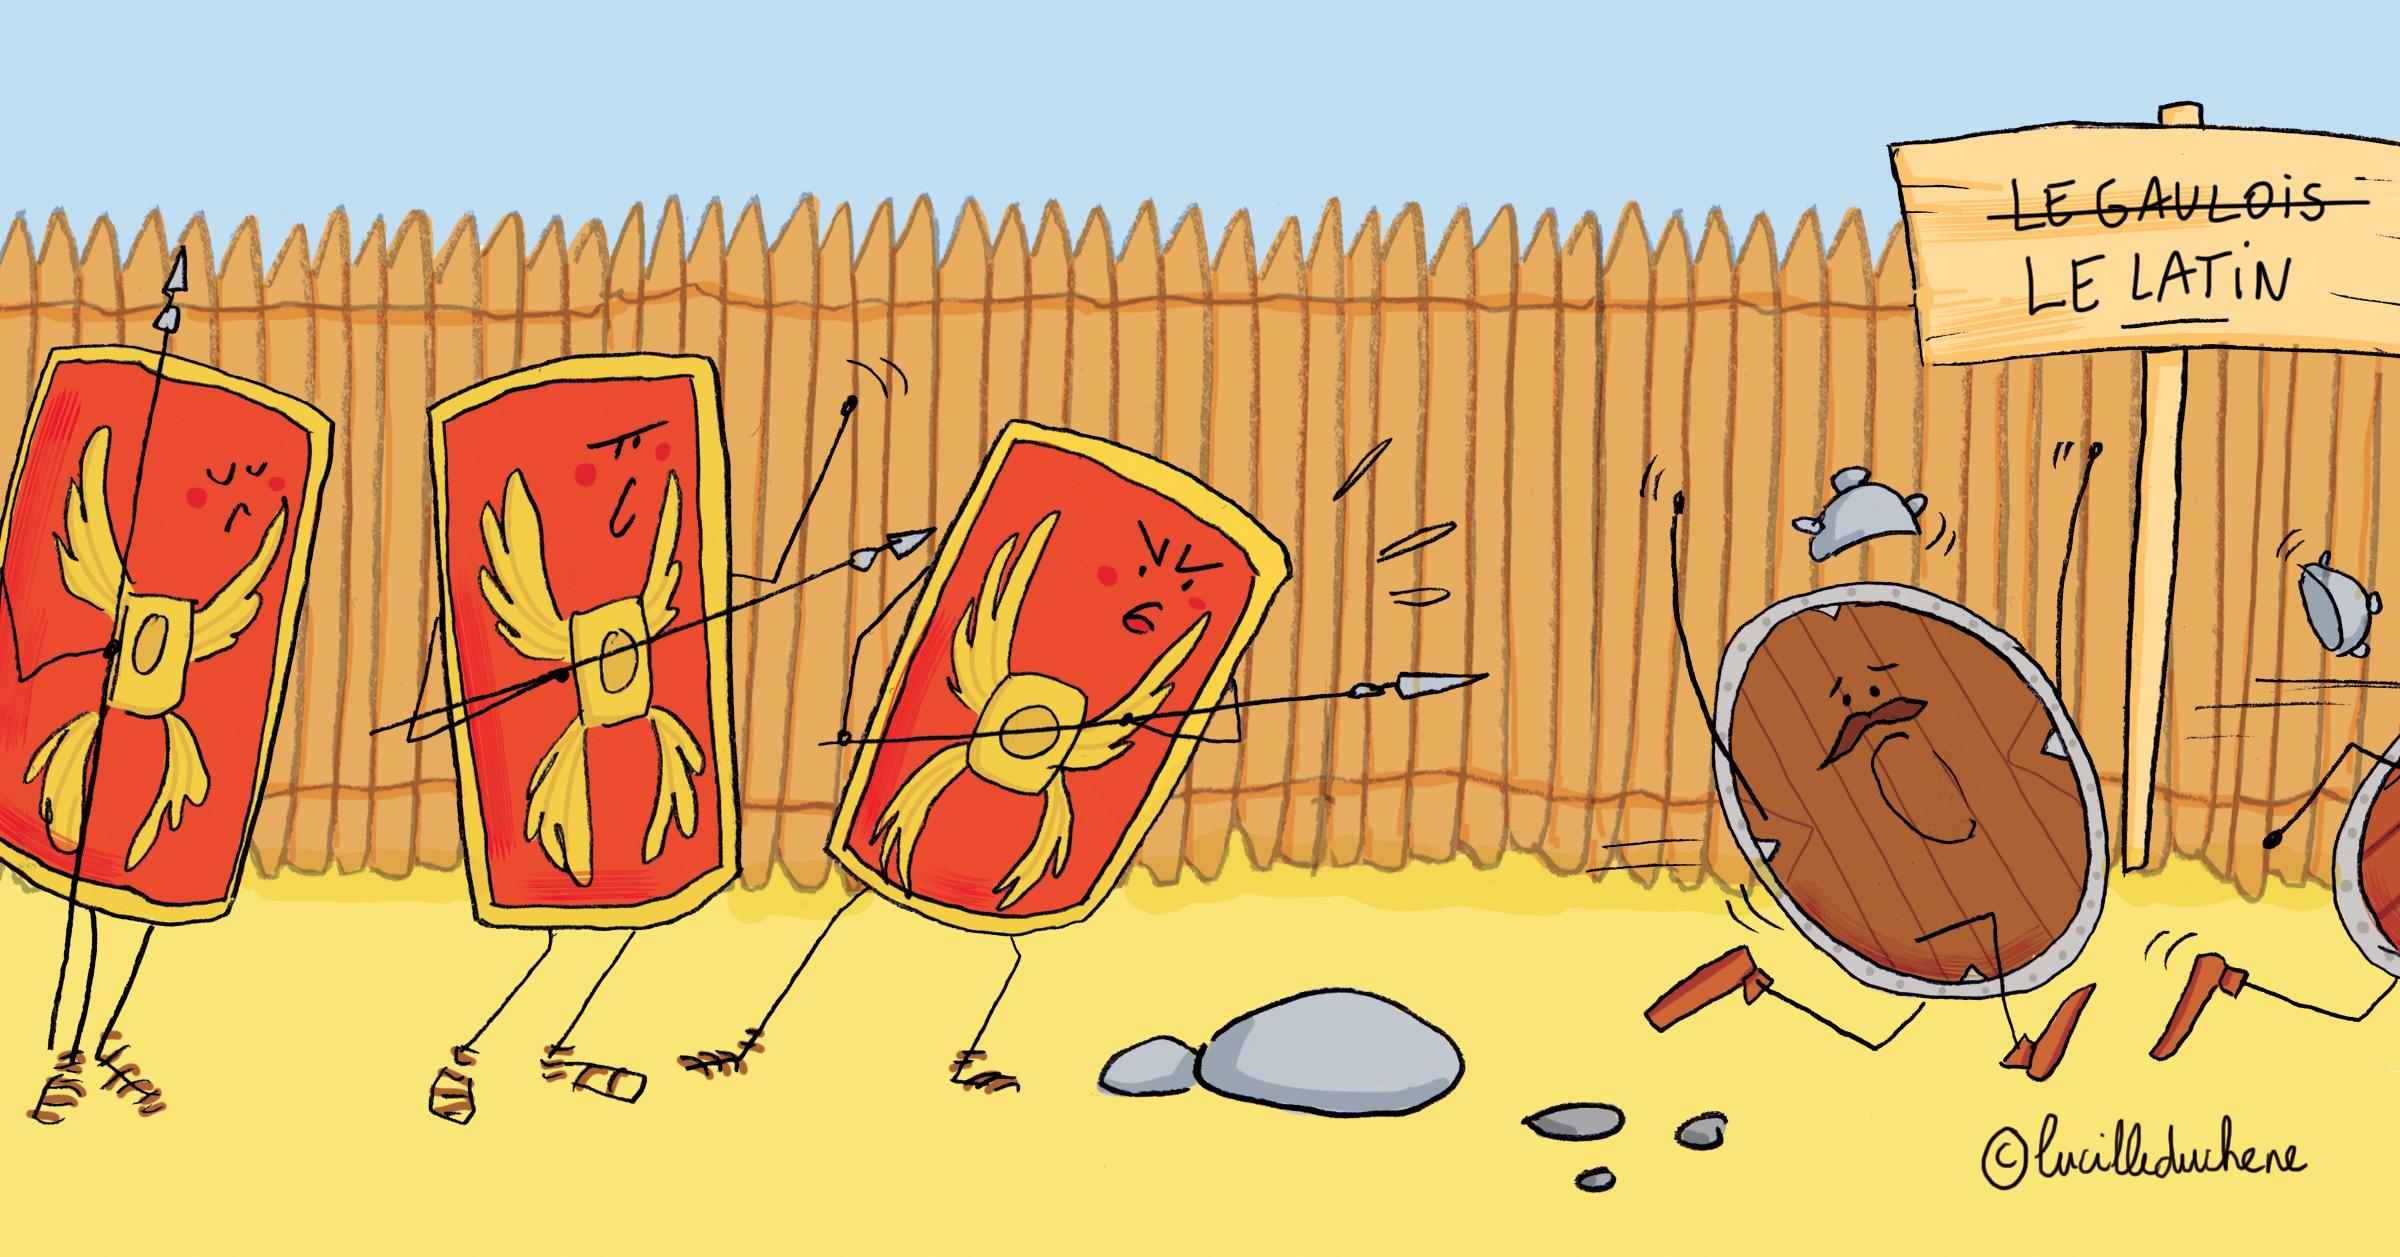 Trois boucliers romains font fuir des boucliers gaulois, symbole du remplacement du gaulois par le latin